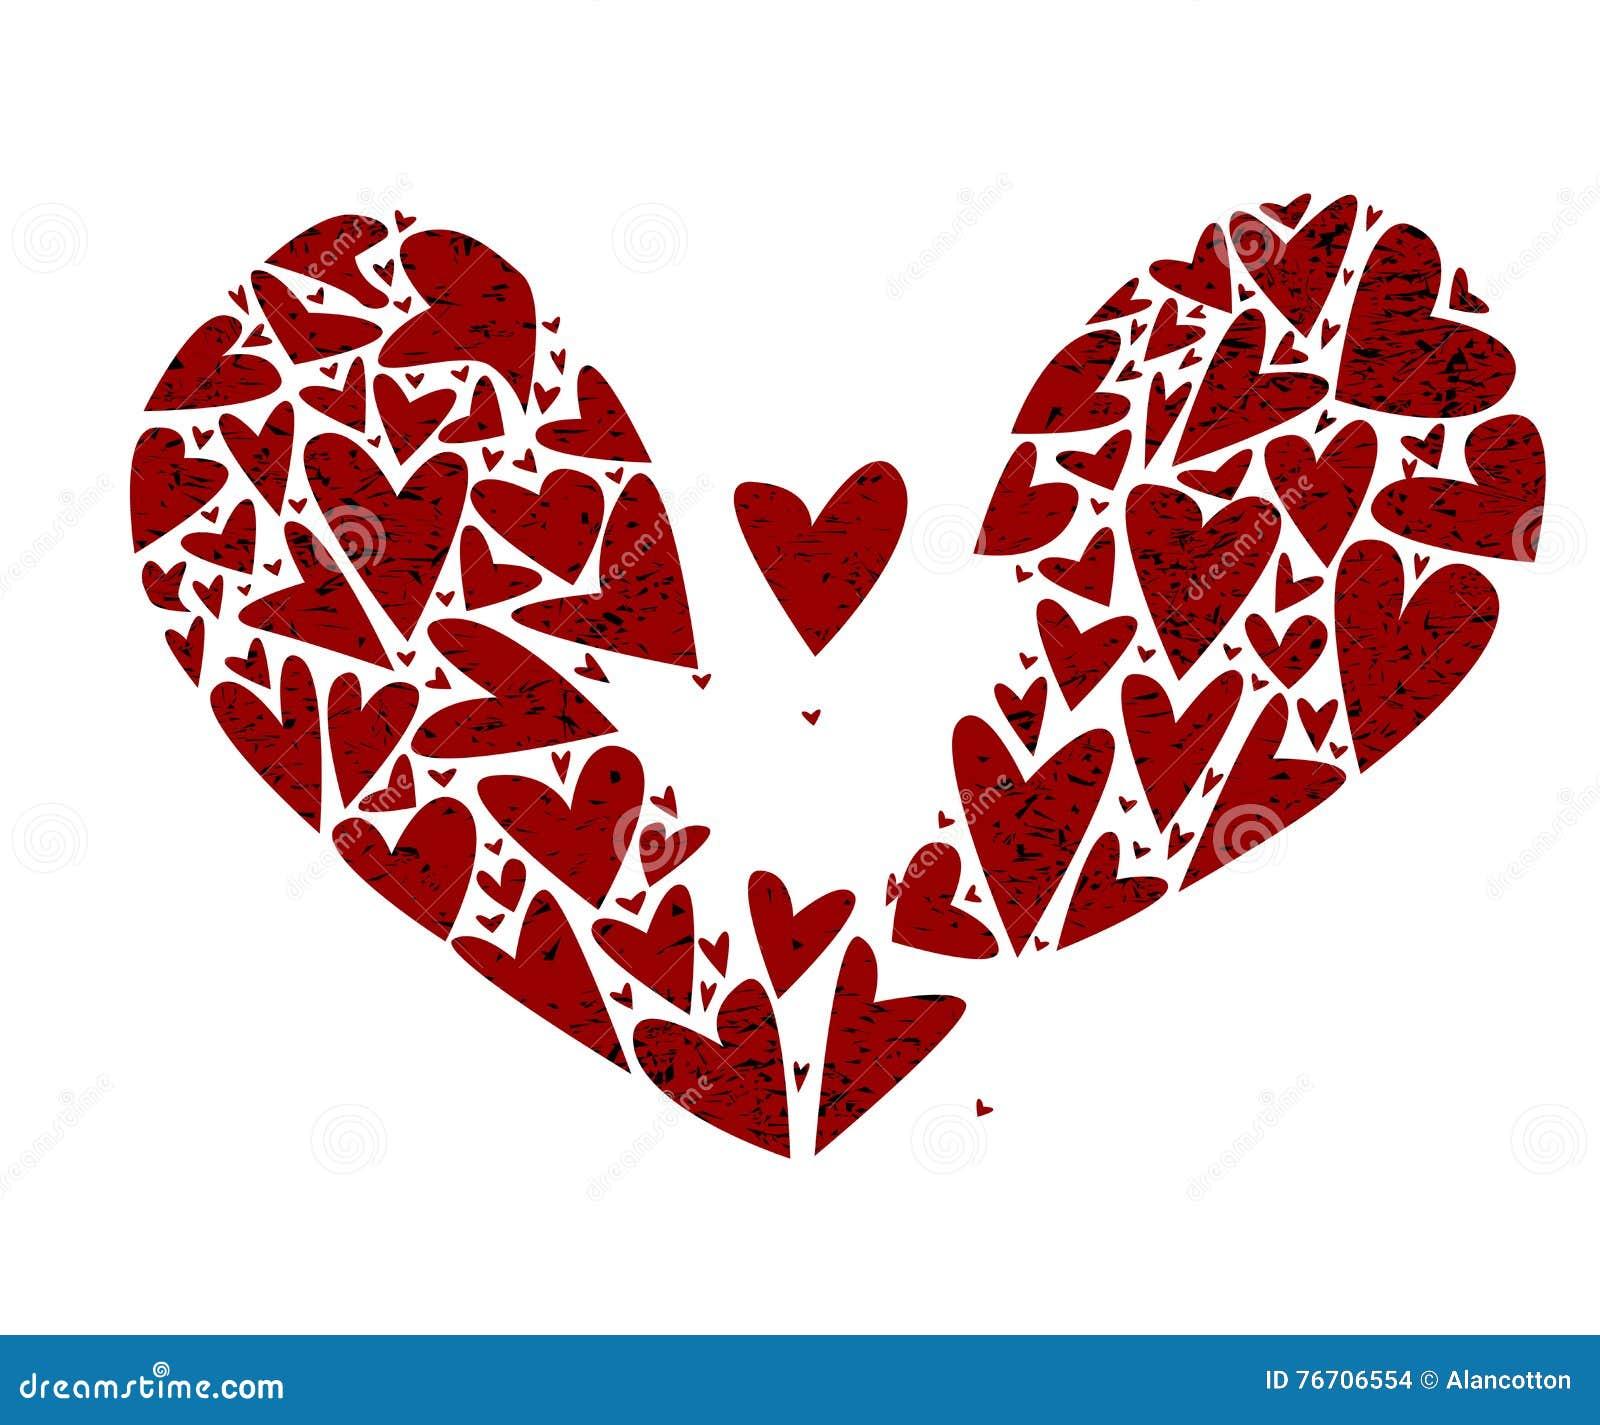 Broken Heart Attack Stock Vector Illustration Of Ache